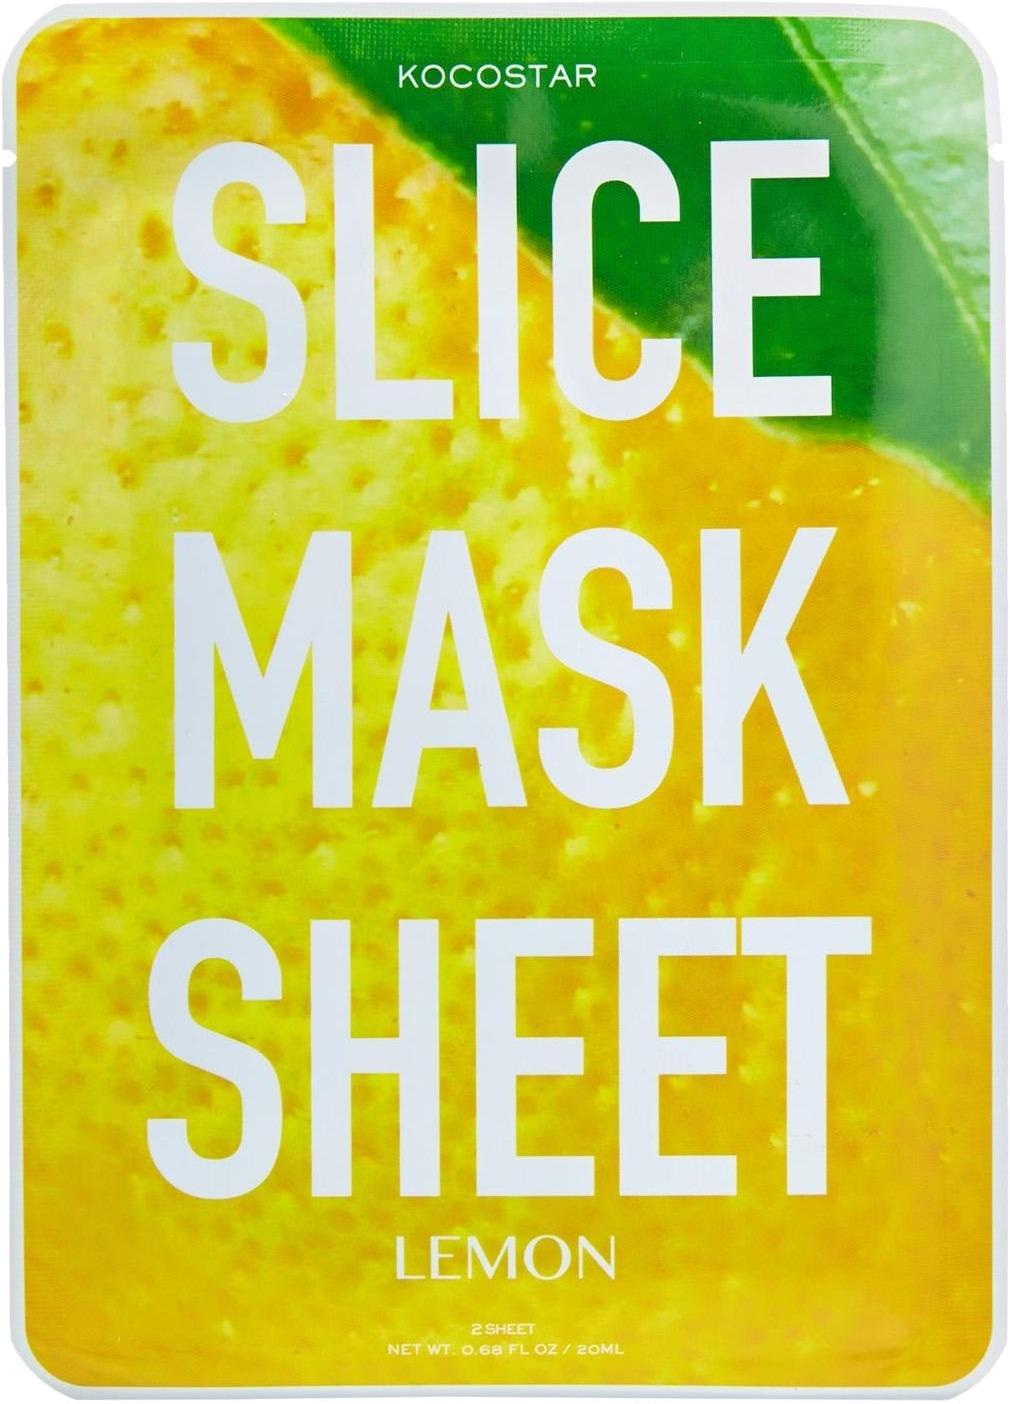 Kocostar Slice Mask Sheet LemonЯркие тканевые маски-слайсы Kocostar Slice Mask Sheet Lemon, выполненные в виде круглых лимонных долек не только прекрасно позаботятся о красоте и здоровье вашей кожи, но и обязательно поднимут настроение в непогожий день. Они повторяют не только форму, но также цвет и запах фрукта.<br><br>Маски выполнены из экологически чистого материала природного происхождения &amp;ndash; тенсела. Он изготовлен из австралийского эвкалипта, что делает материал идеальным проводником между кожей и полезными веществами, содержащимися в составе маски. Тенсел плотно прилегает к эпидермису, обладает антибактериальным эффектом. Такая ткань намного прочнее прочих материалов, используемых в других масках, разрывы и деформация во время применения исключены.<br><br>Действие лимонных масок-слайсов направлено на борьбу:<br><br>&amp;uuml; с обезвоживанием;<br><br>&amp;uuml; усталостью;<br><br>&amp;uuml; тусклостью;<br><br>&amp;uuml; неровным цветом лица.<br><br>Кожа после использования мгновенно преображается, выглядит более увлажненной, посвежевшей, пигментация и покраснения осветляется, а также улучшается микроциркуляция, укрепляются стенки сосудов, уменьшается риск возникновения куперозных сеточек. Экстракт лимона прекрасно снимает отечность, обладает общезаживляющим действием.<br><br>&amp;nbsp;<br><br>Объём: 20 мл<br><br>&amp;nbsp;<br><br>Способ применения:<br><br>Маски-слайсы накладывают на проблемные зоны лица и/или тела на 20 минут.<br>